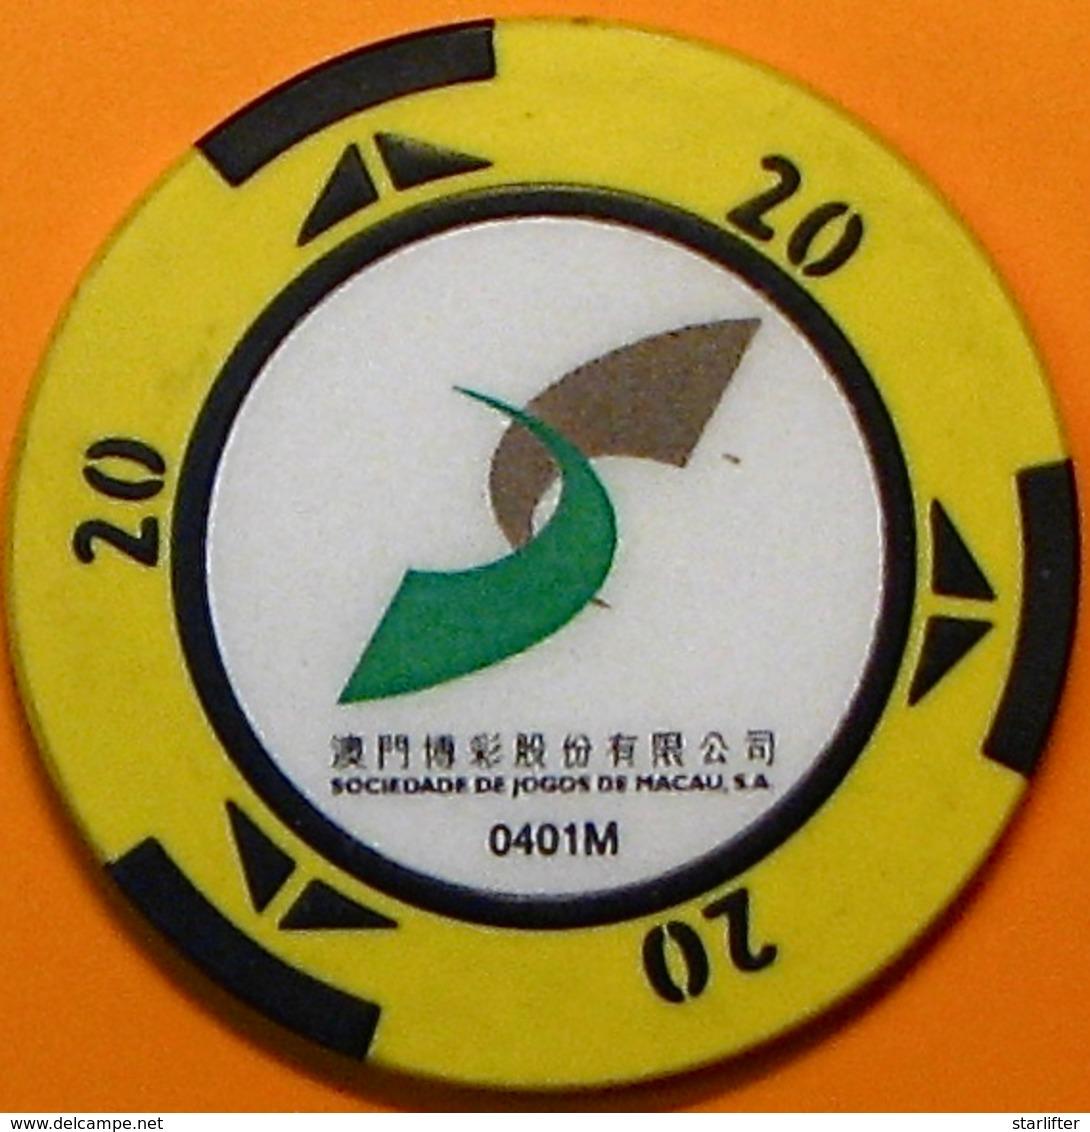 HK$20 Casino Chip. STM-Sociedade De Jogos De Macau, Macau. N40. - Casino